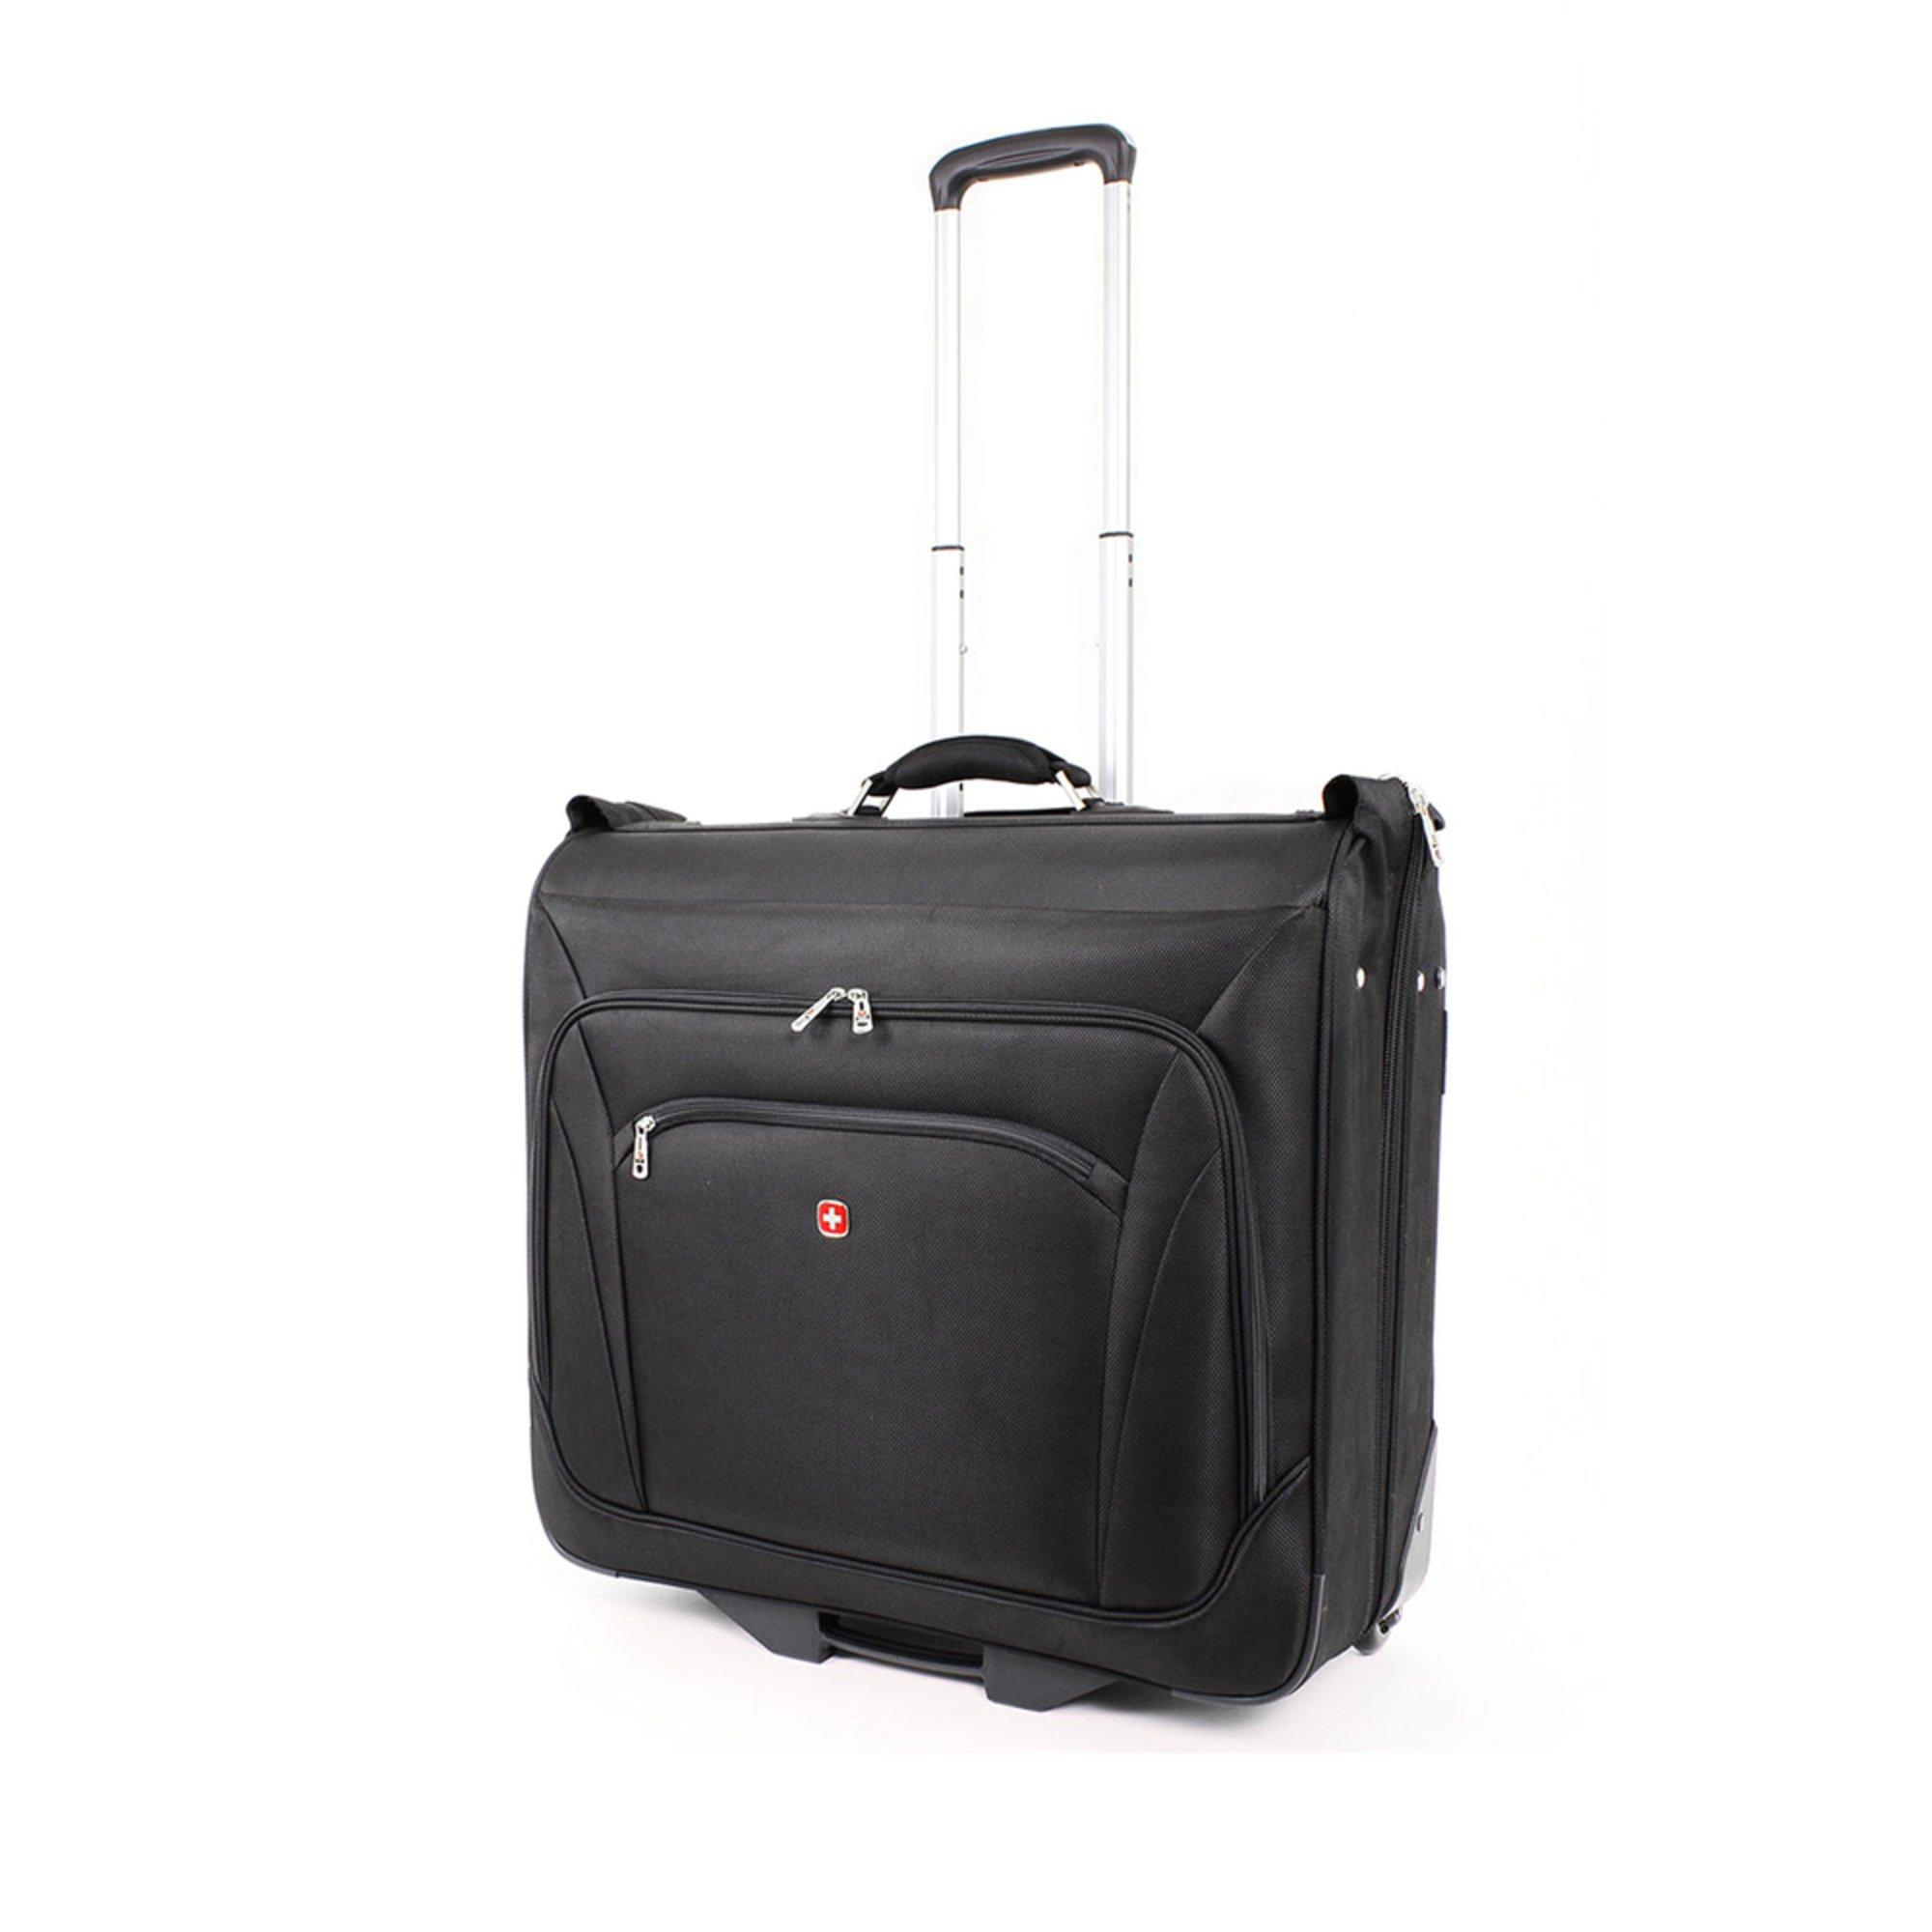 443c5abfc1e0 Swiss Gear Zurich Wheeled Garment Bag - Black